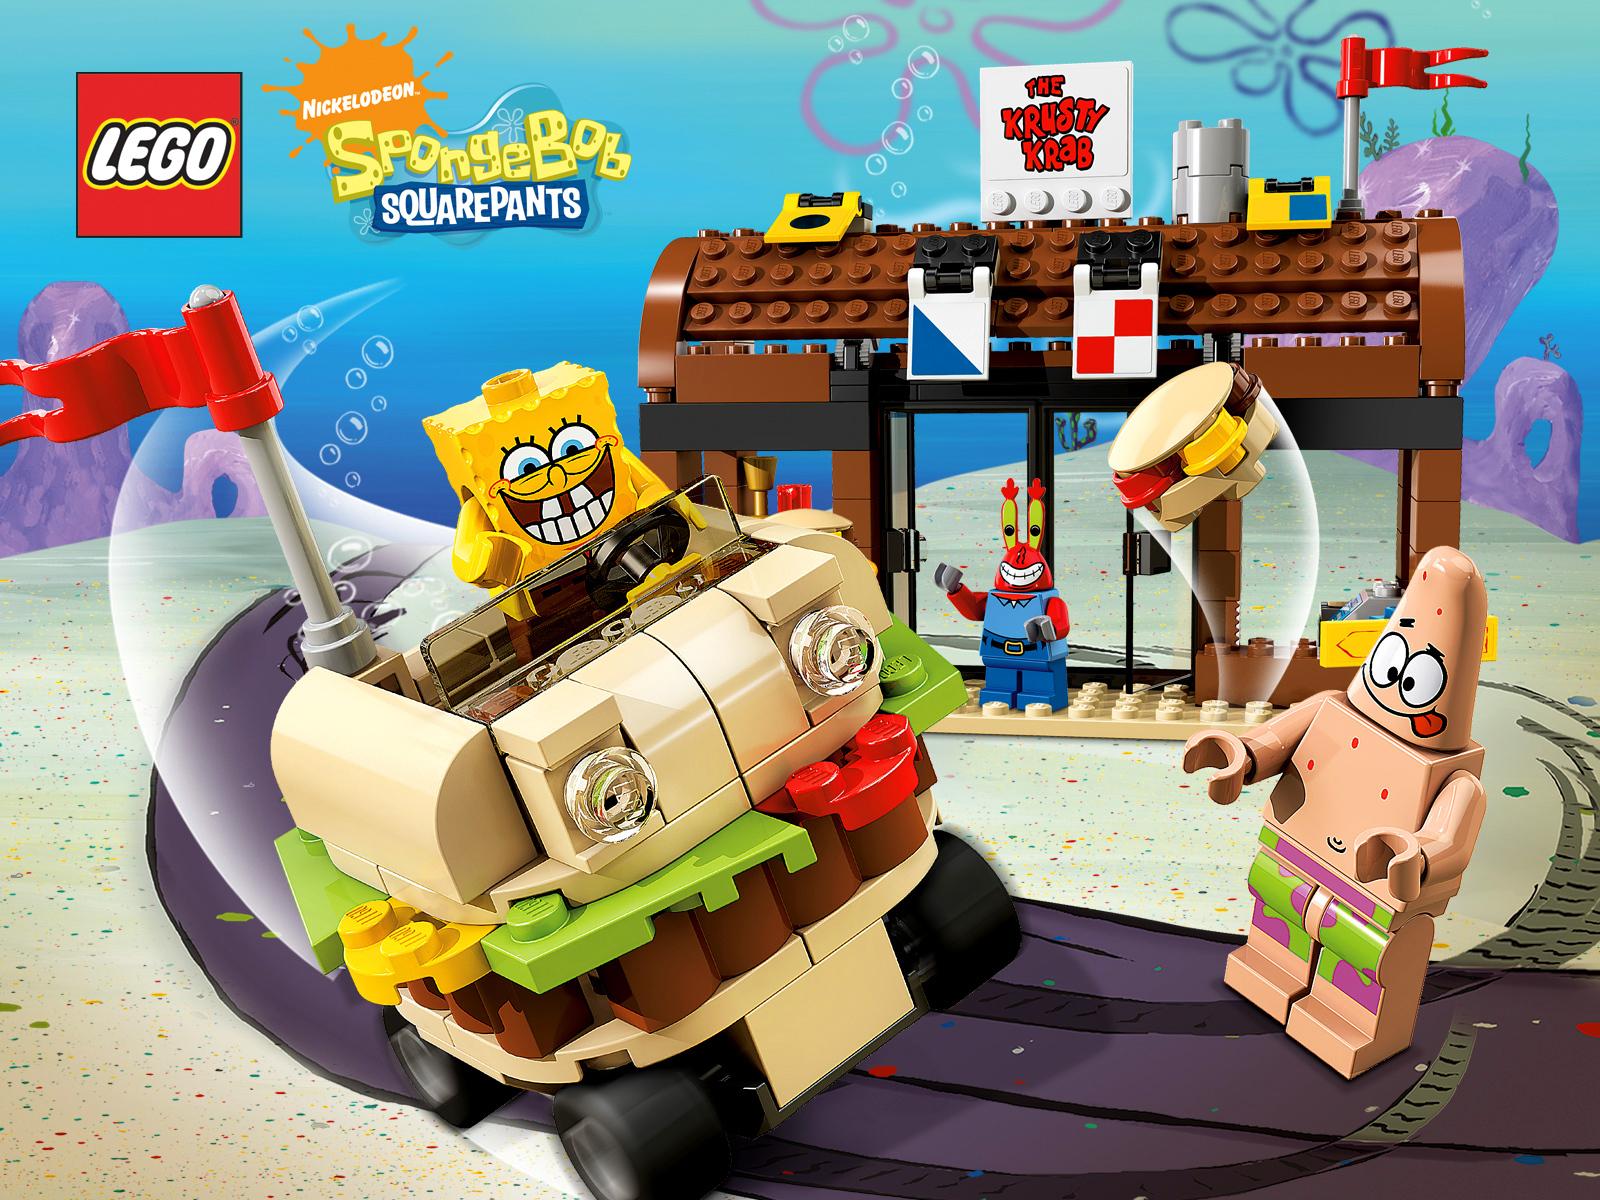 lego spongebob squarepants images spongebob wallpaper hd wallpaper